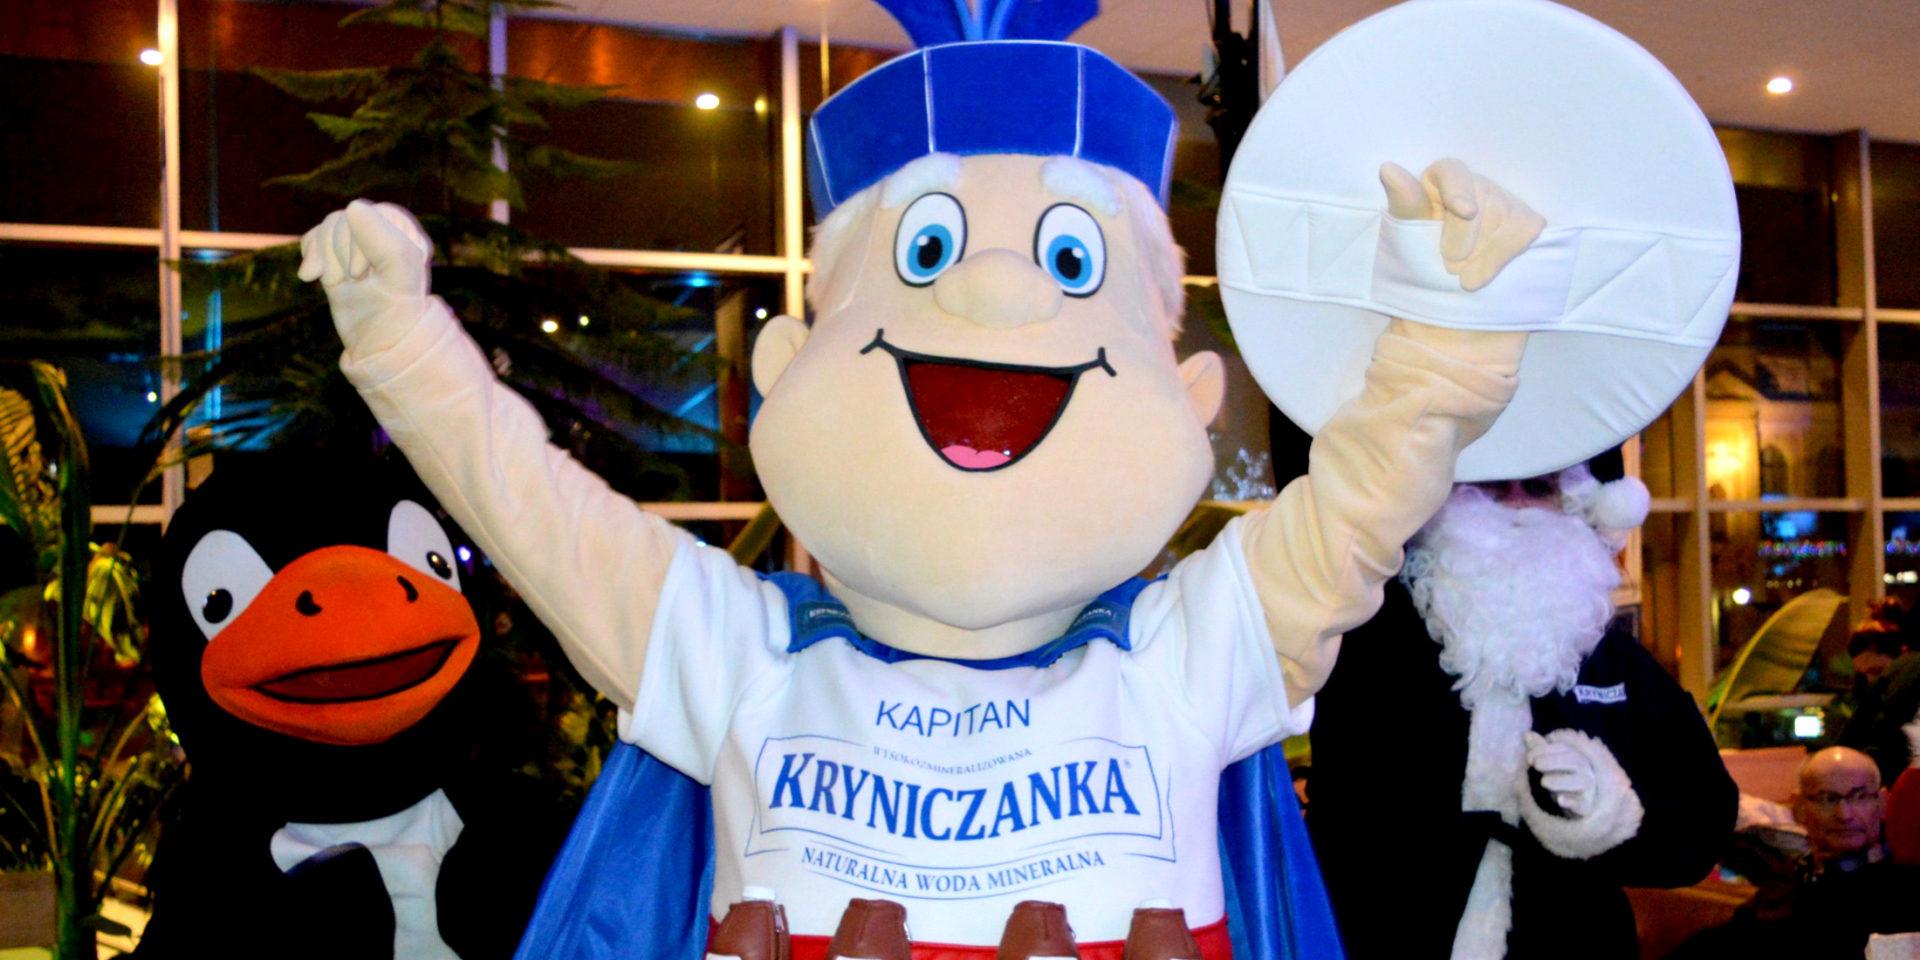 Kapitan Kryniczanka